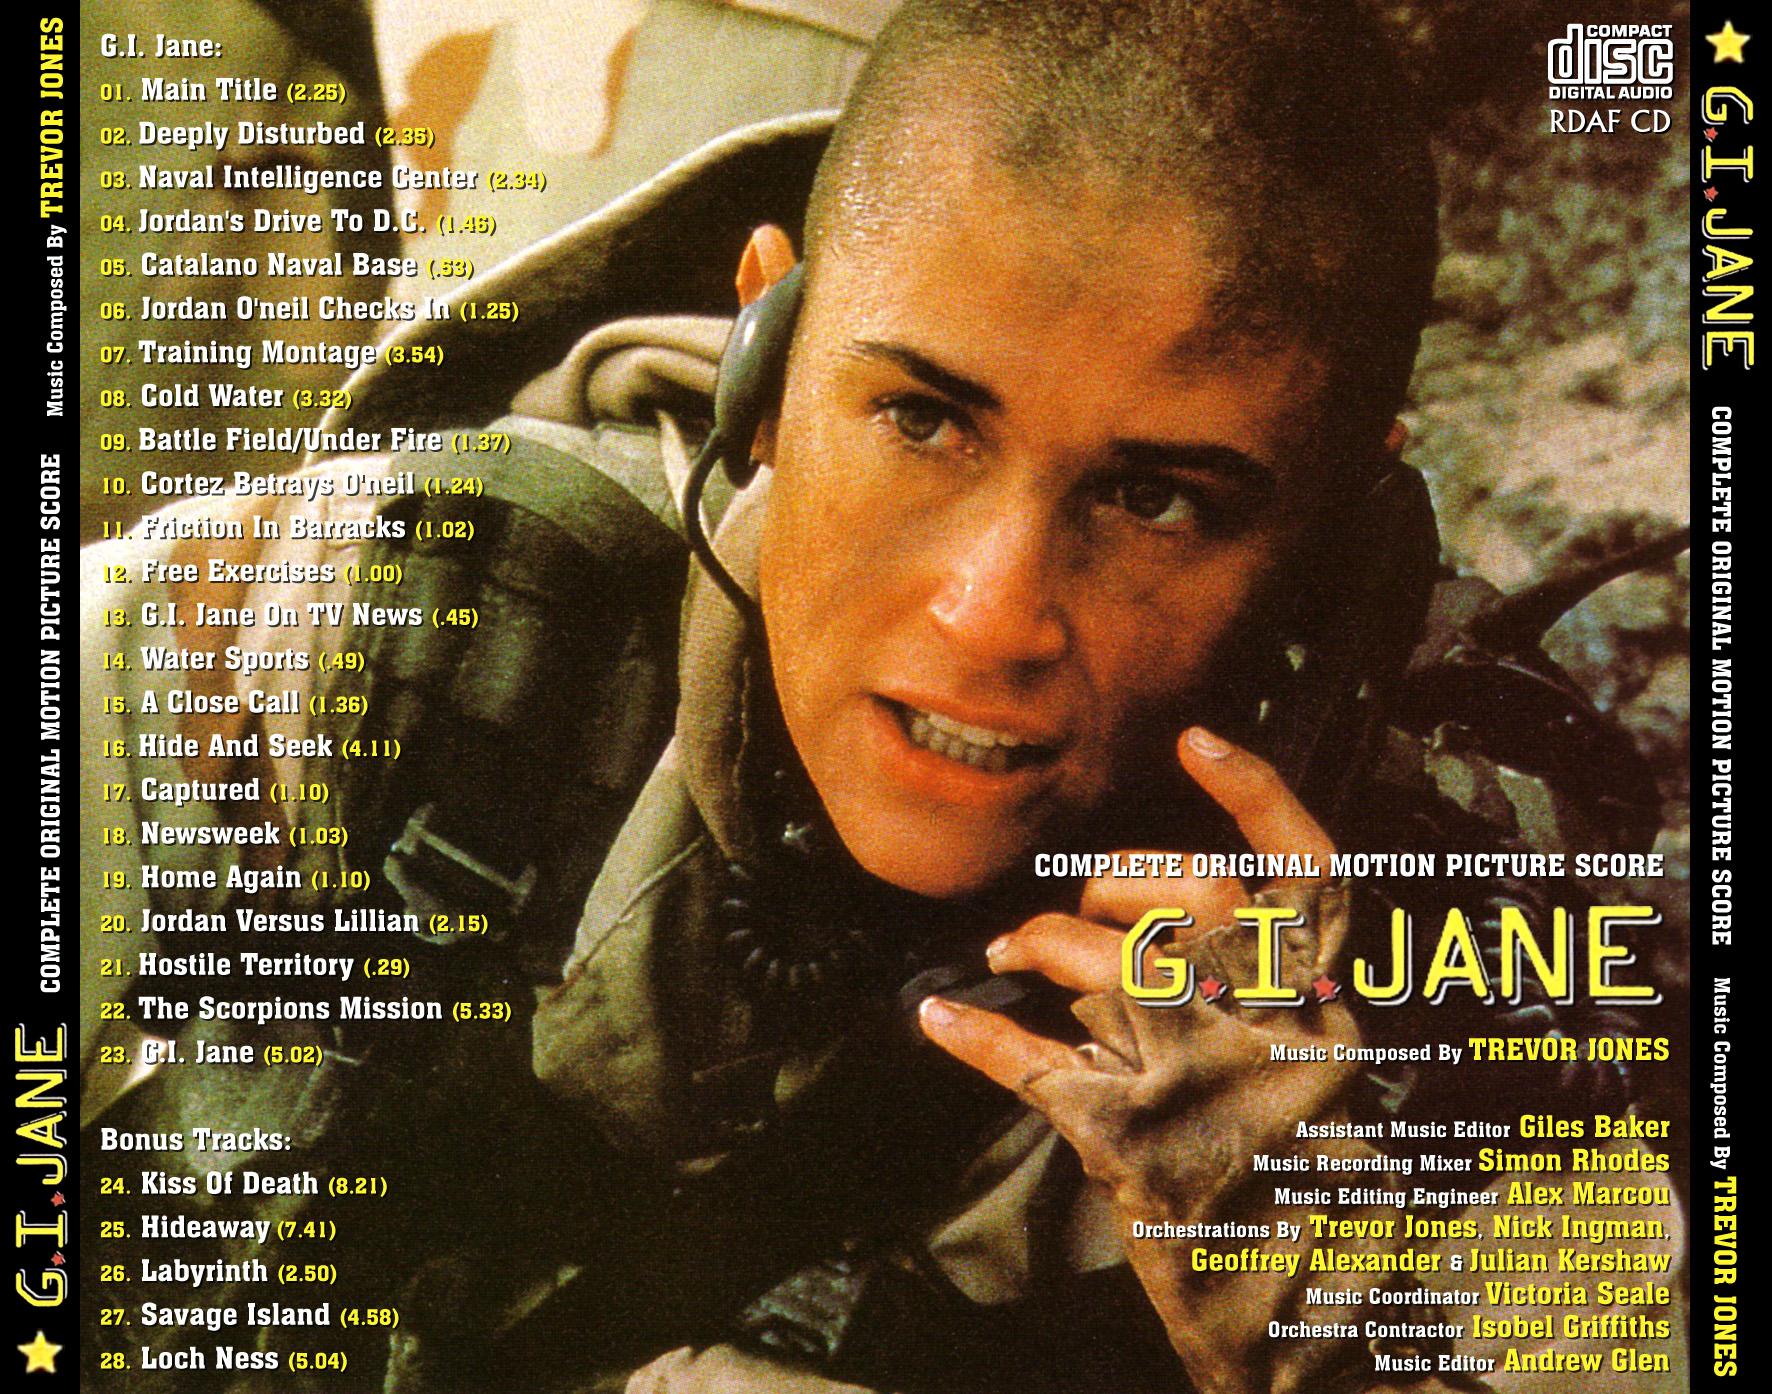 Bądź jak G.I.Jane i nie strasz ludzi w kolejce